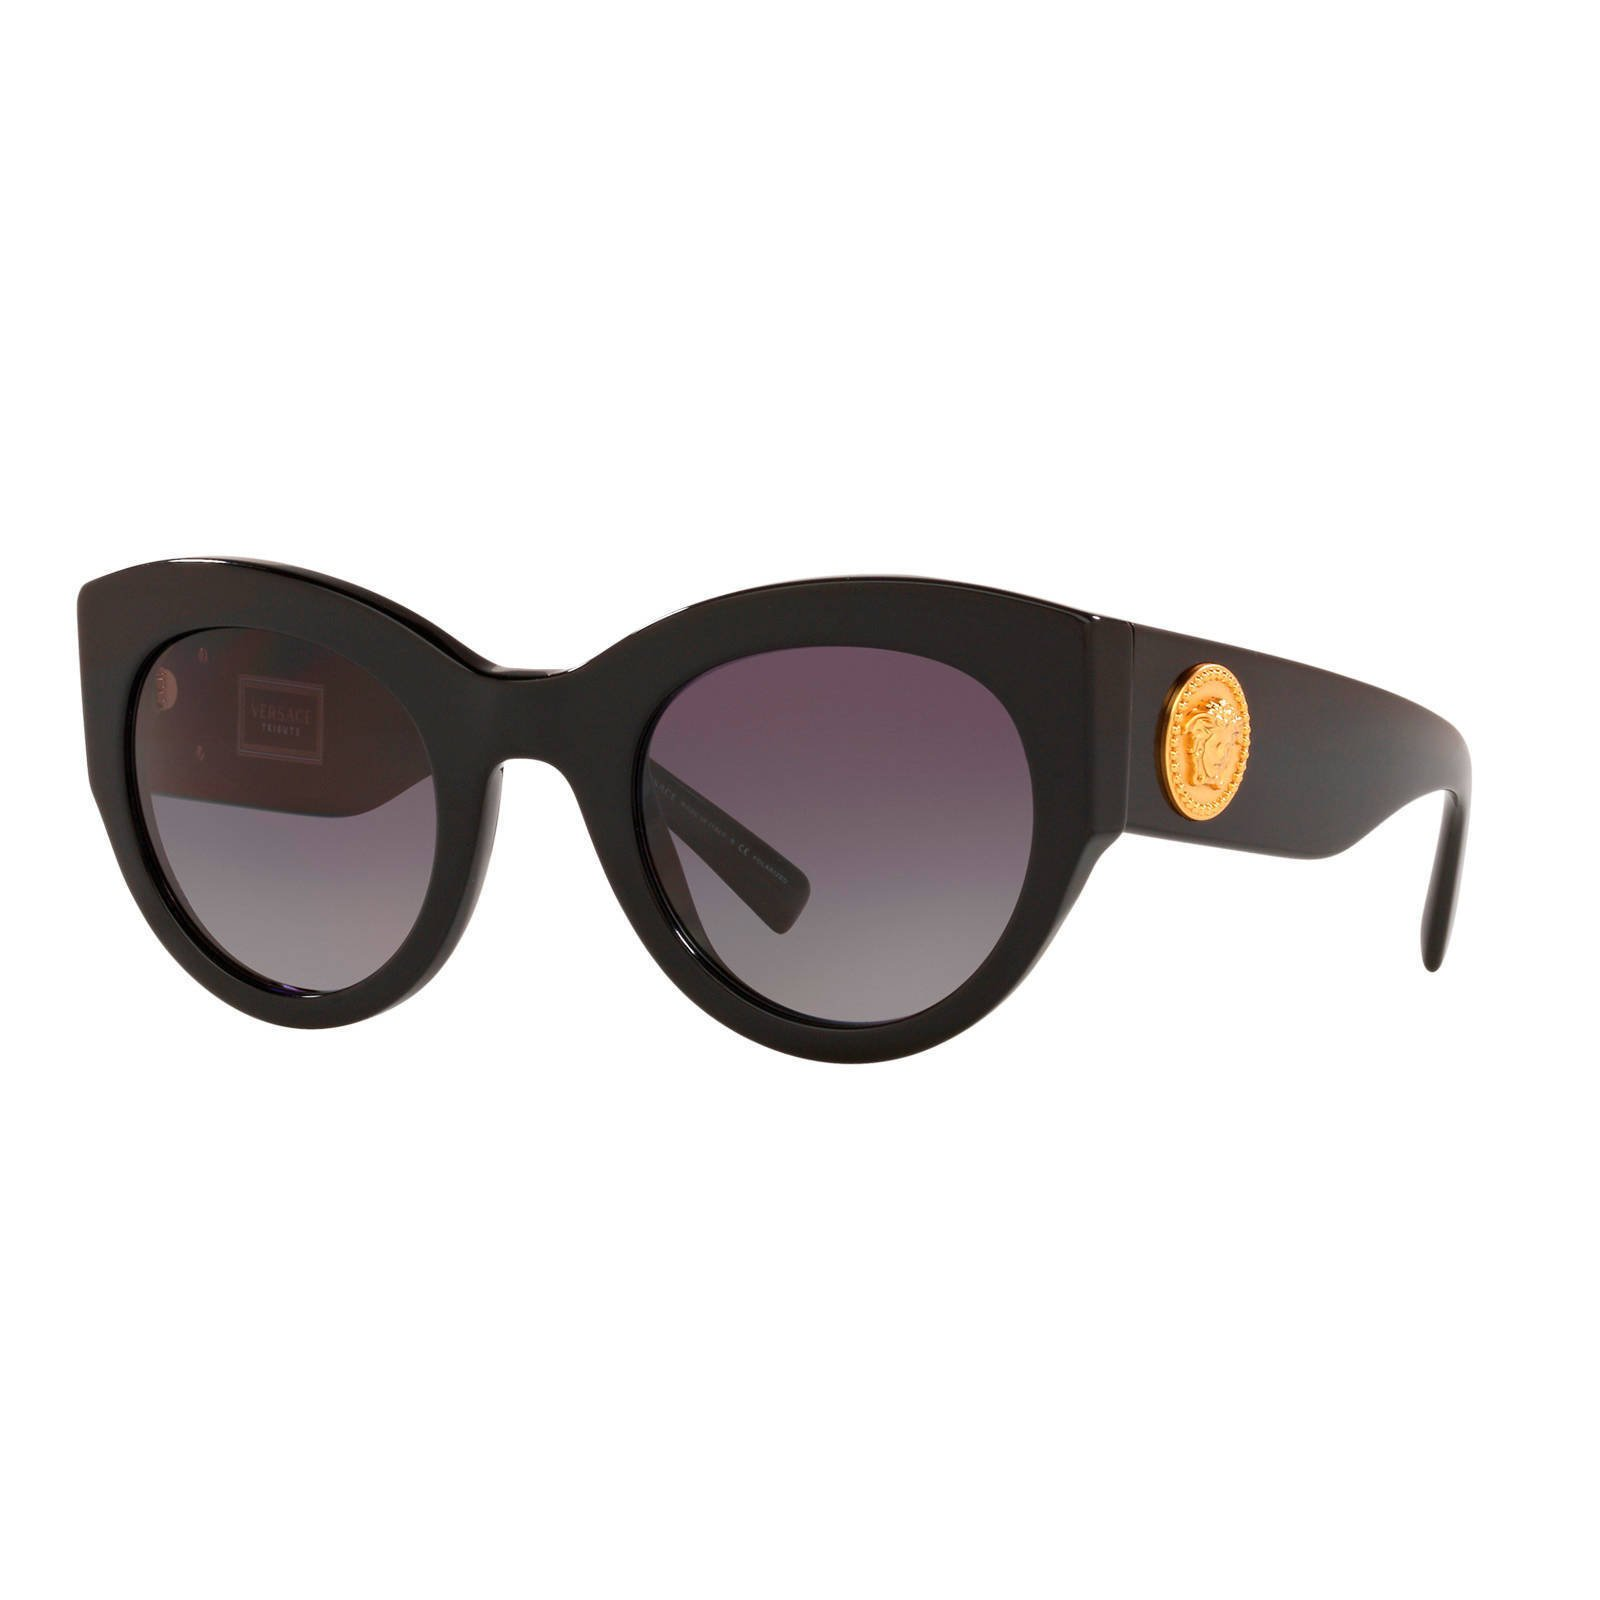 Versace zonnebril VE4353 zwart   wehkamp